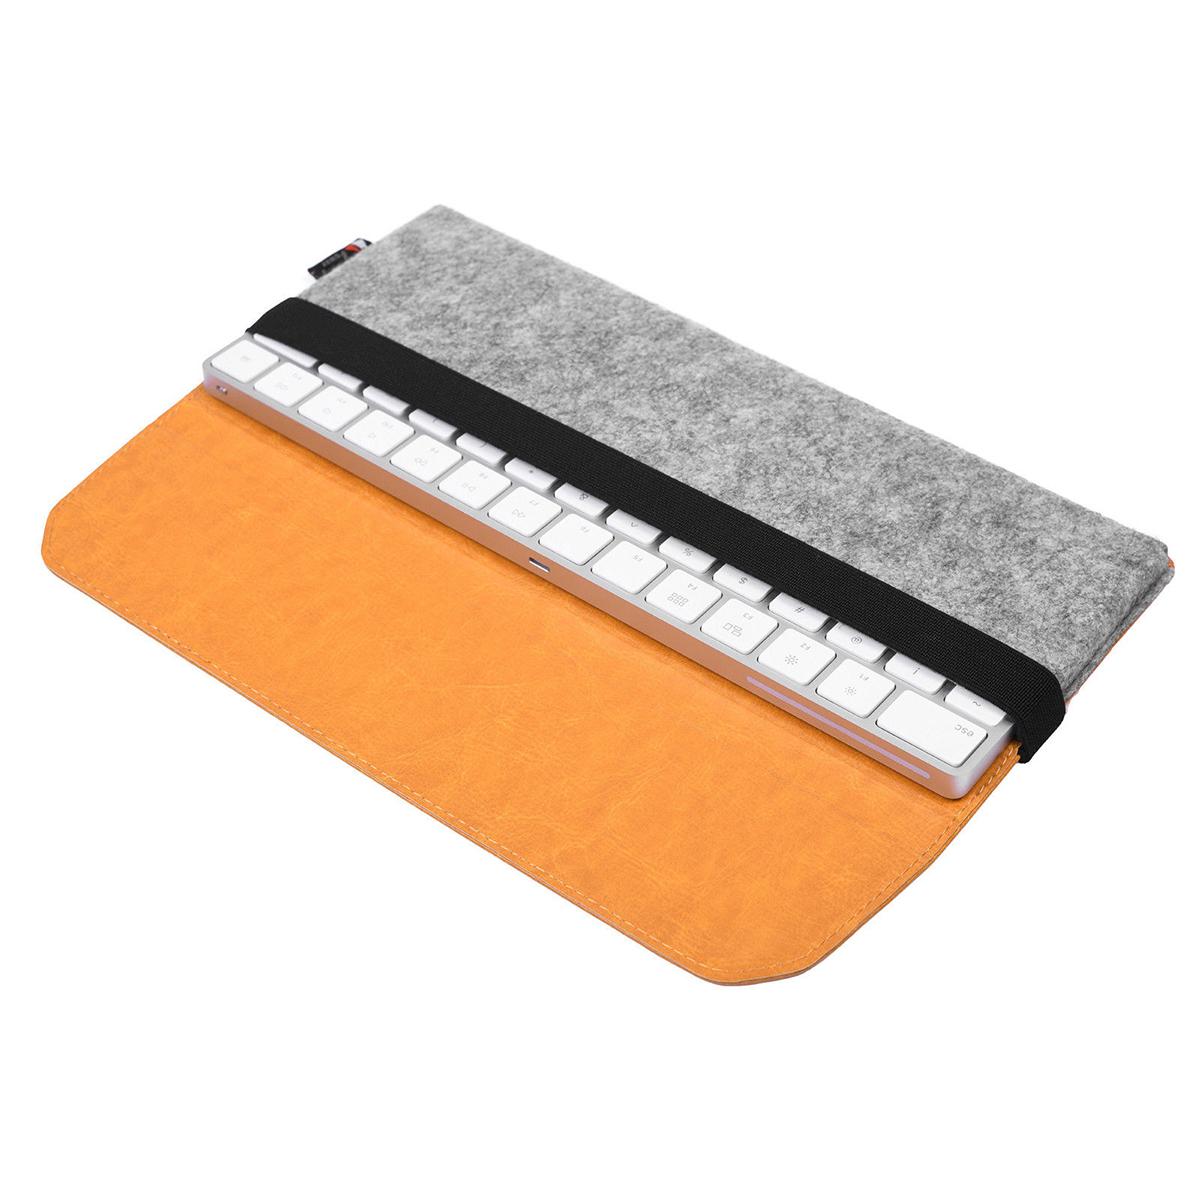 Войлок PU кожаная защита рукава Чехол Хранение Сумка для Apple Волшебный Клавиатура